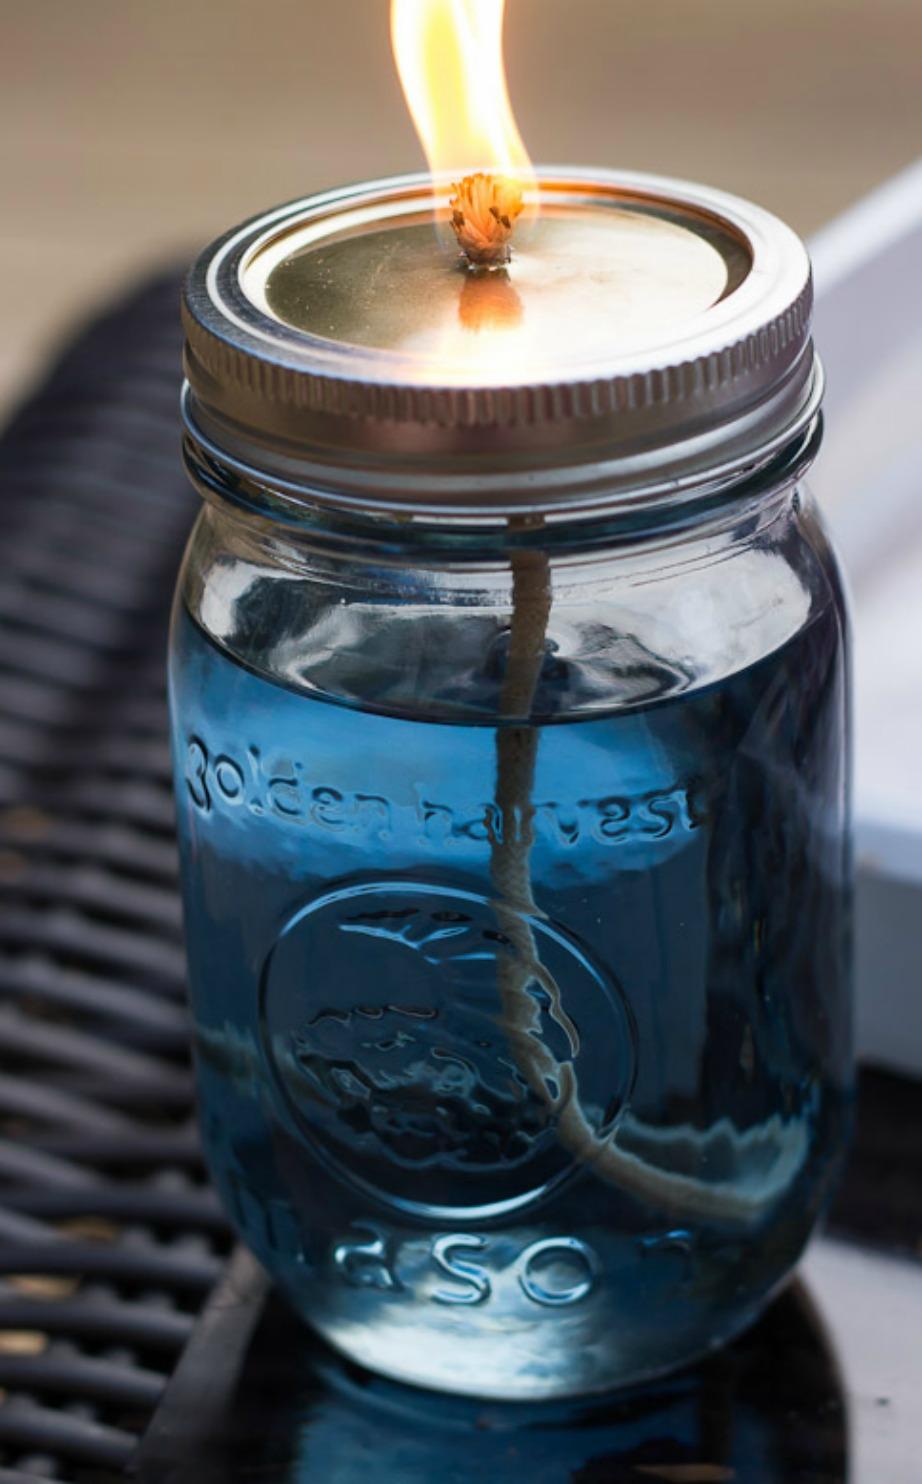 Φτιάξτε εντομοαπωθητικό μέσα σε βαζάκια.